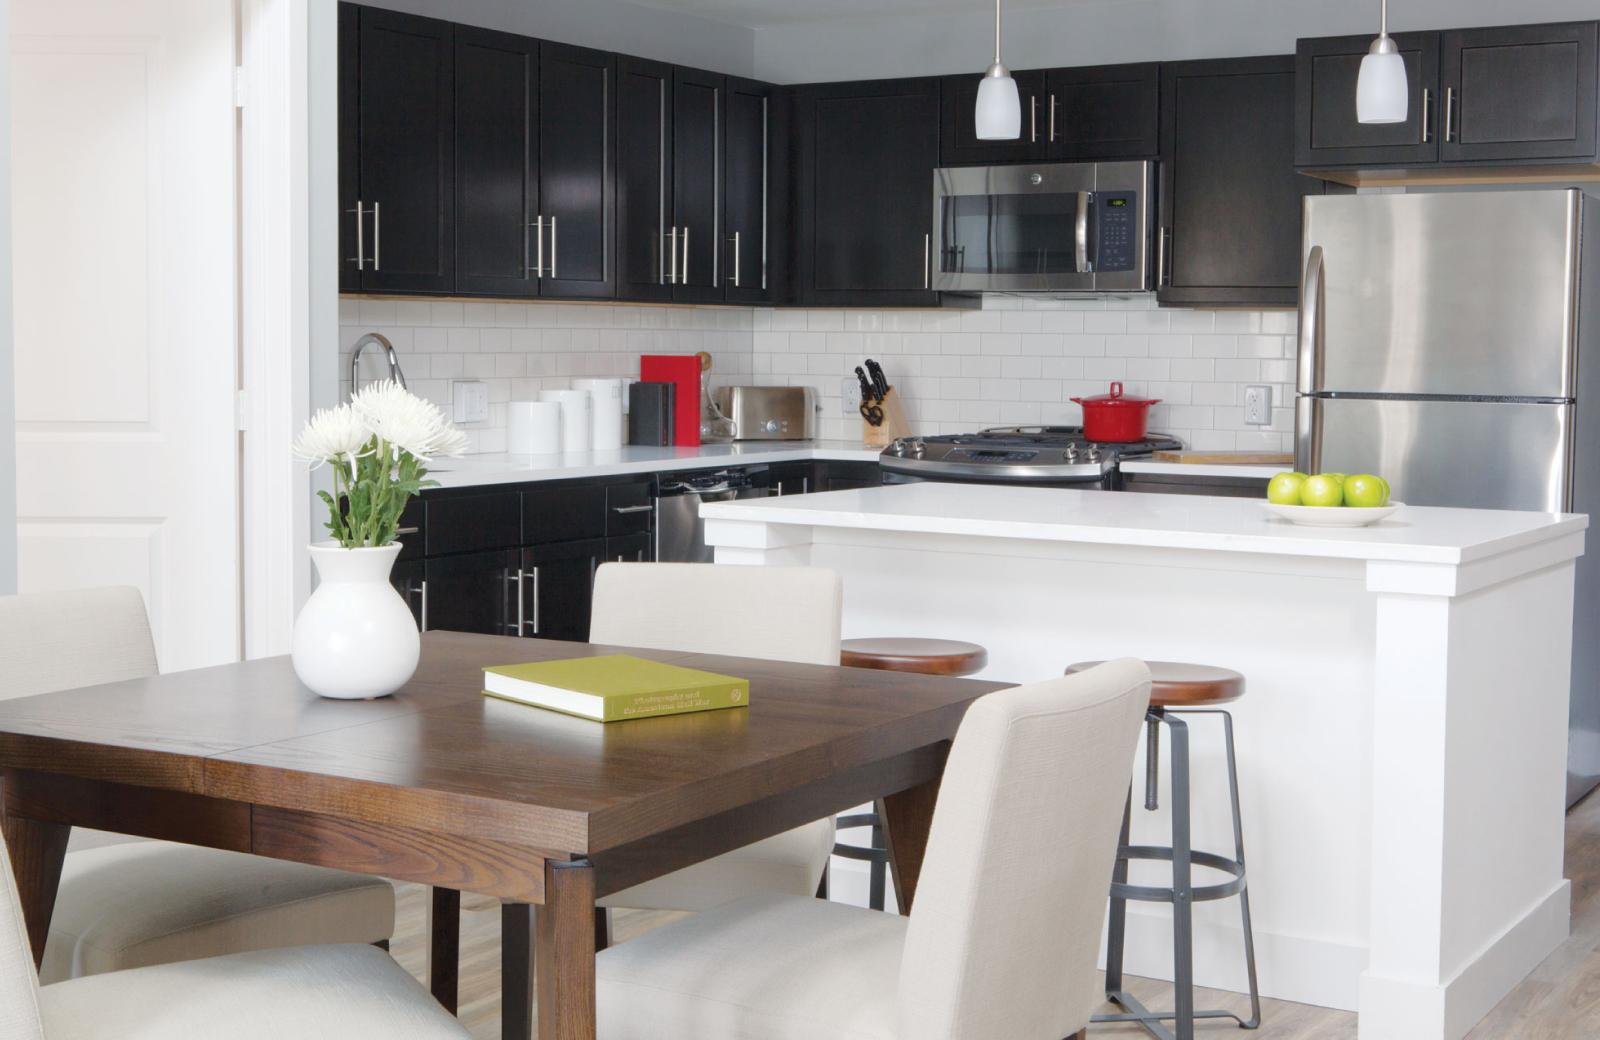 Beautiful kitchen - The Waypointe Apts